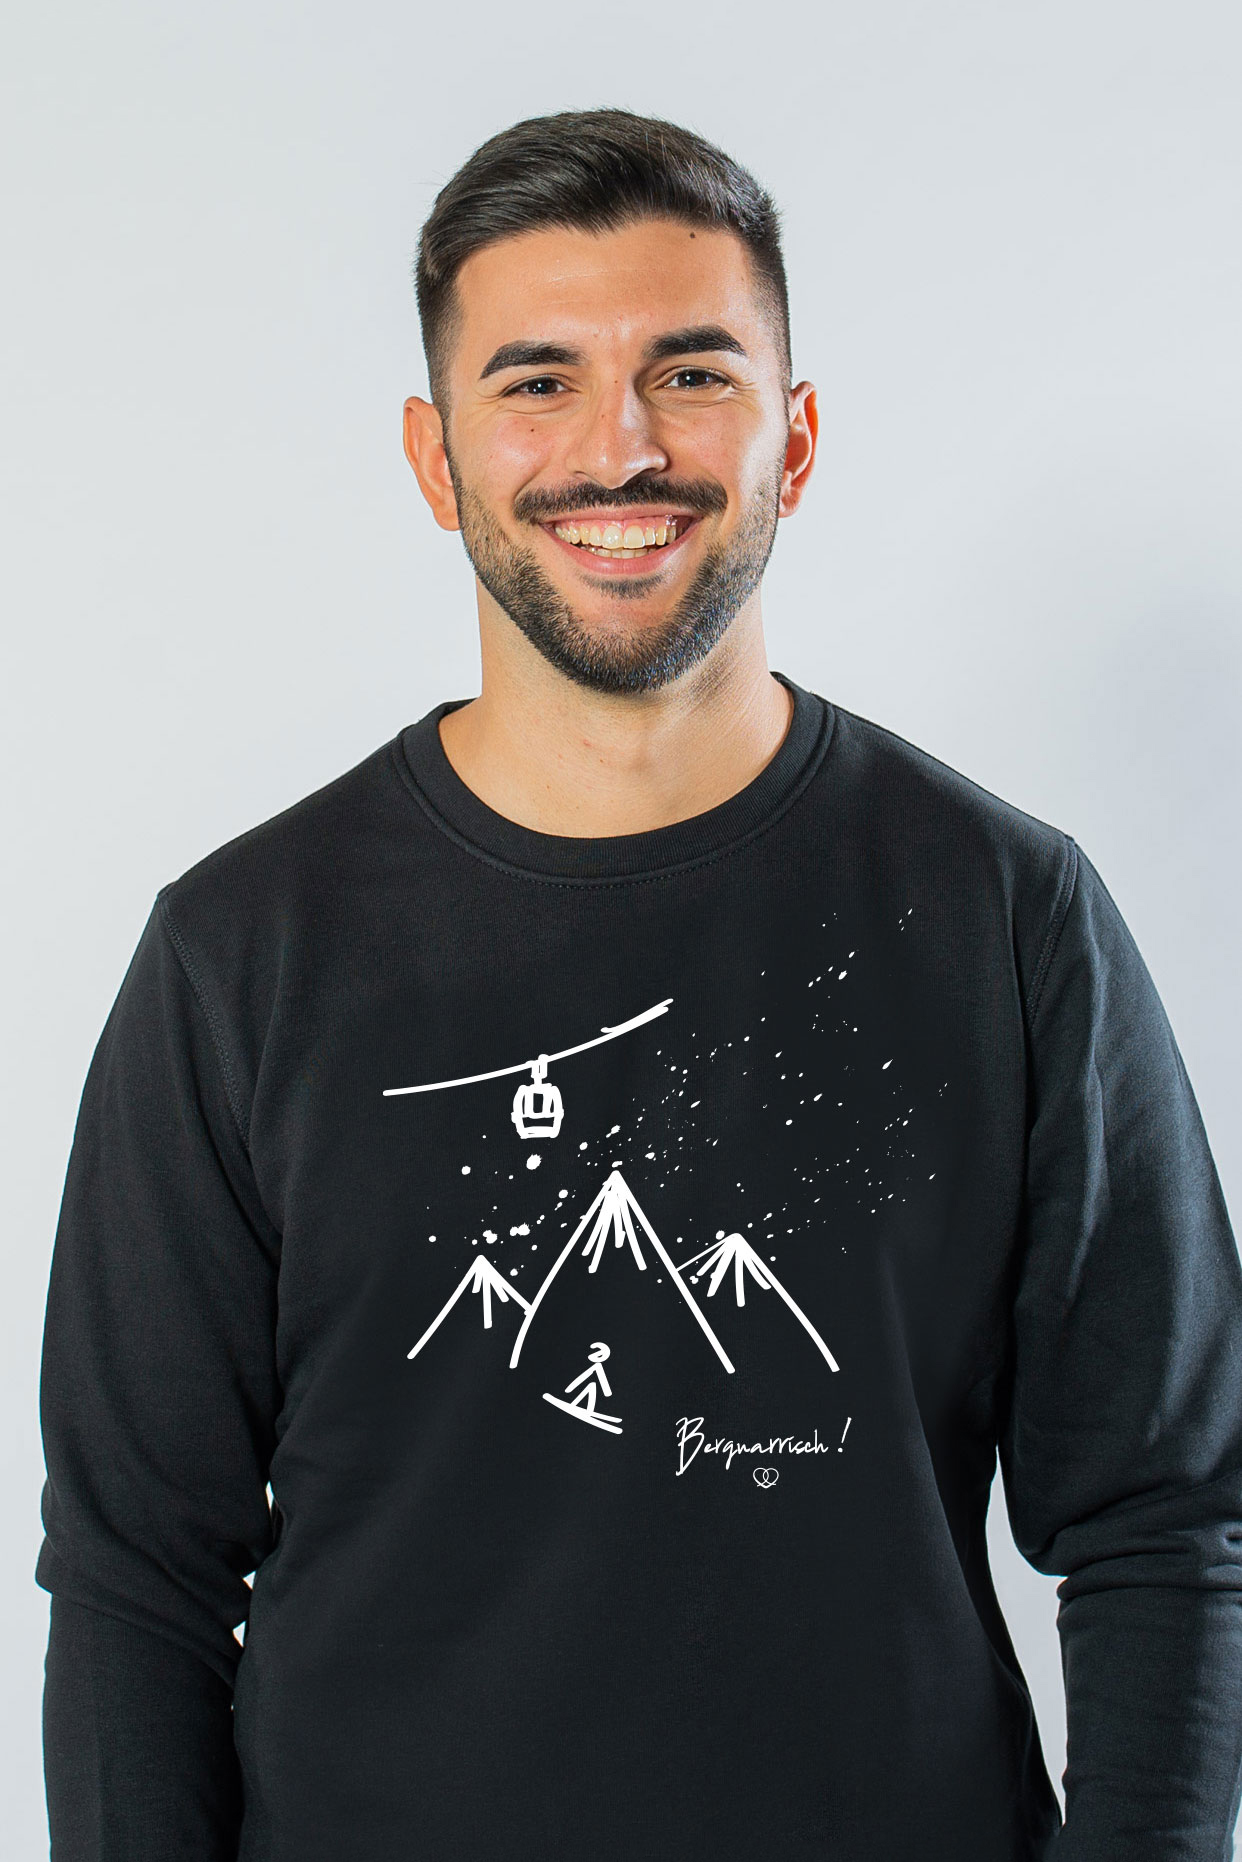 Bergnarrisch Unisex Sweater